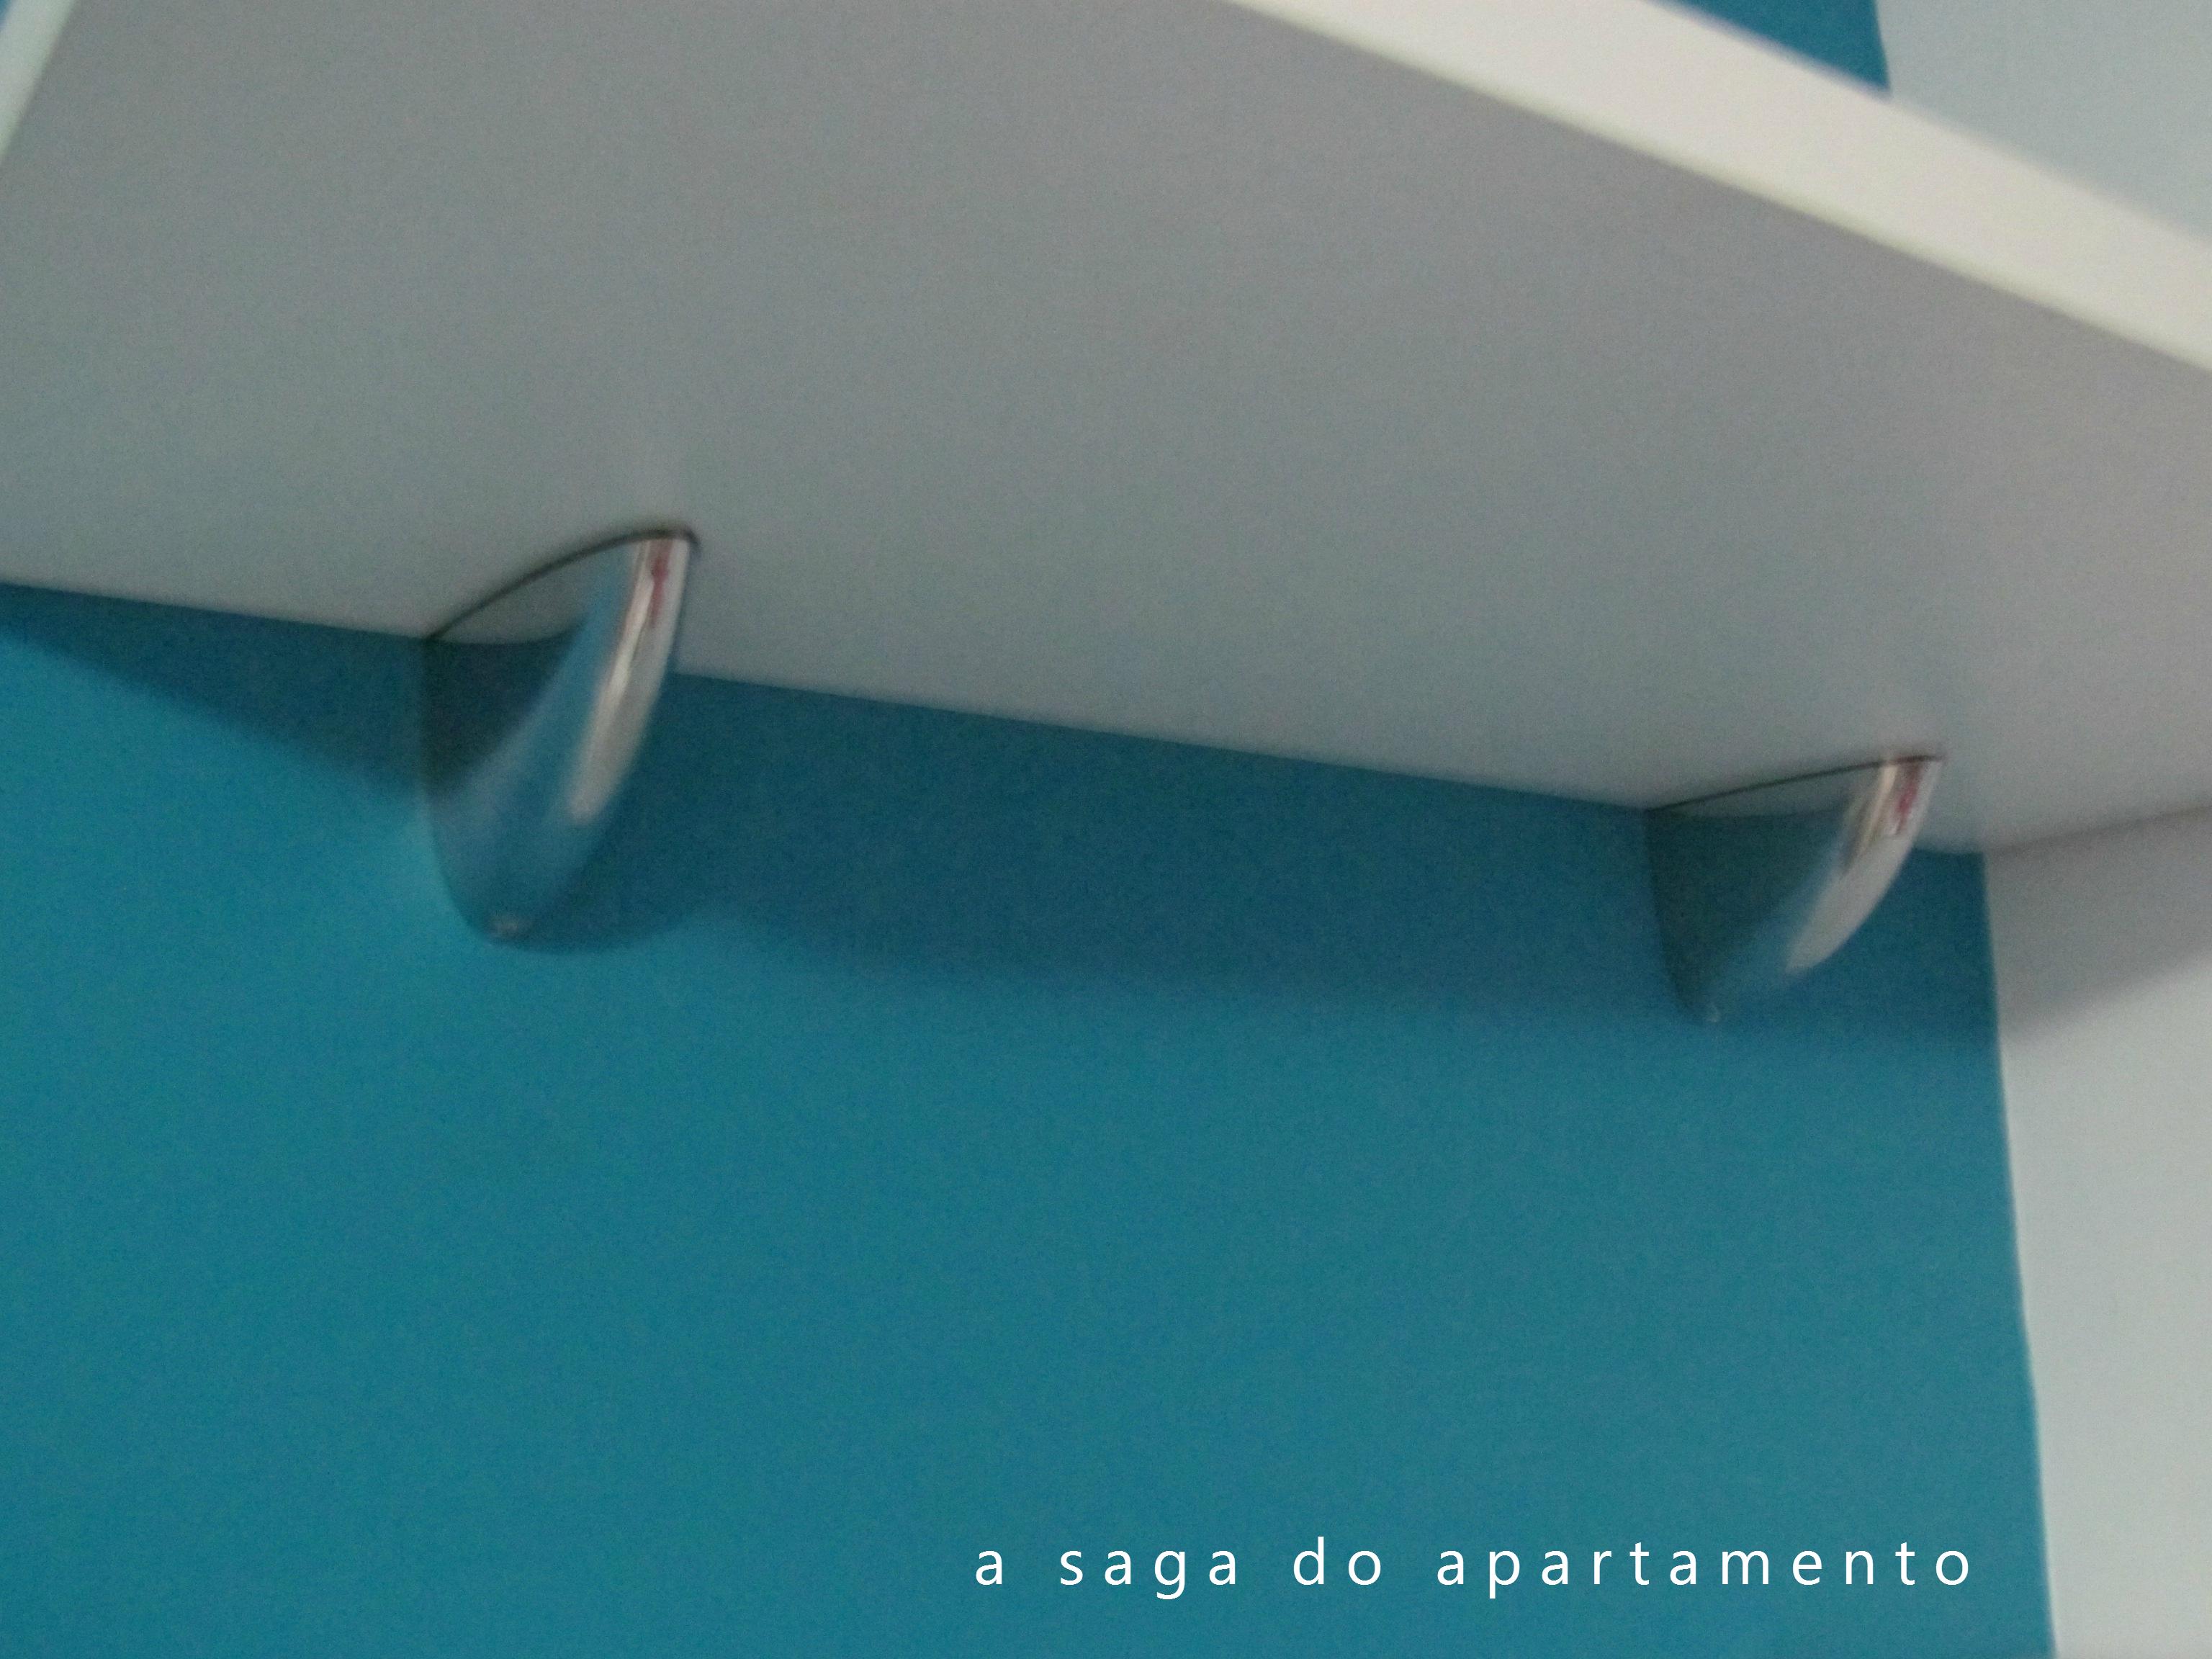 Caixas Organizadoras Painel de Madeira etc. a saga do apartamento #1F7080 3072x2304